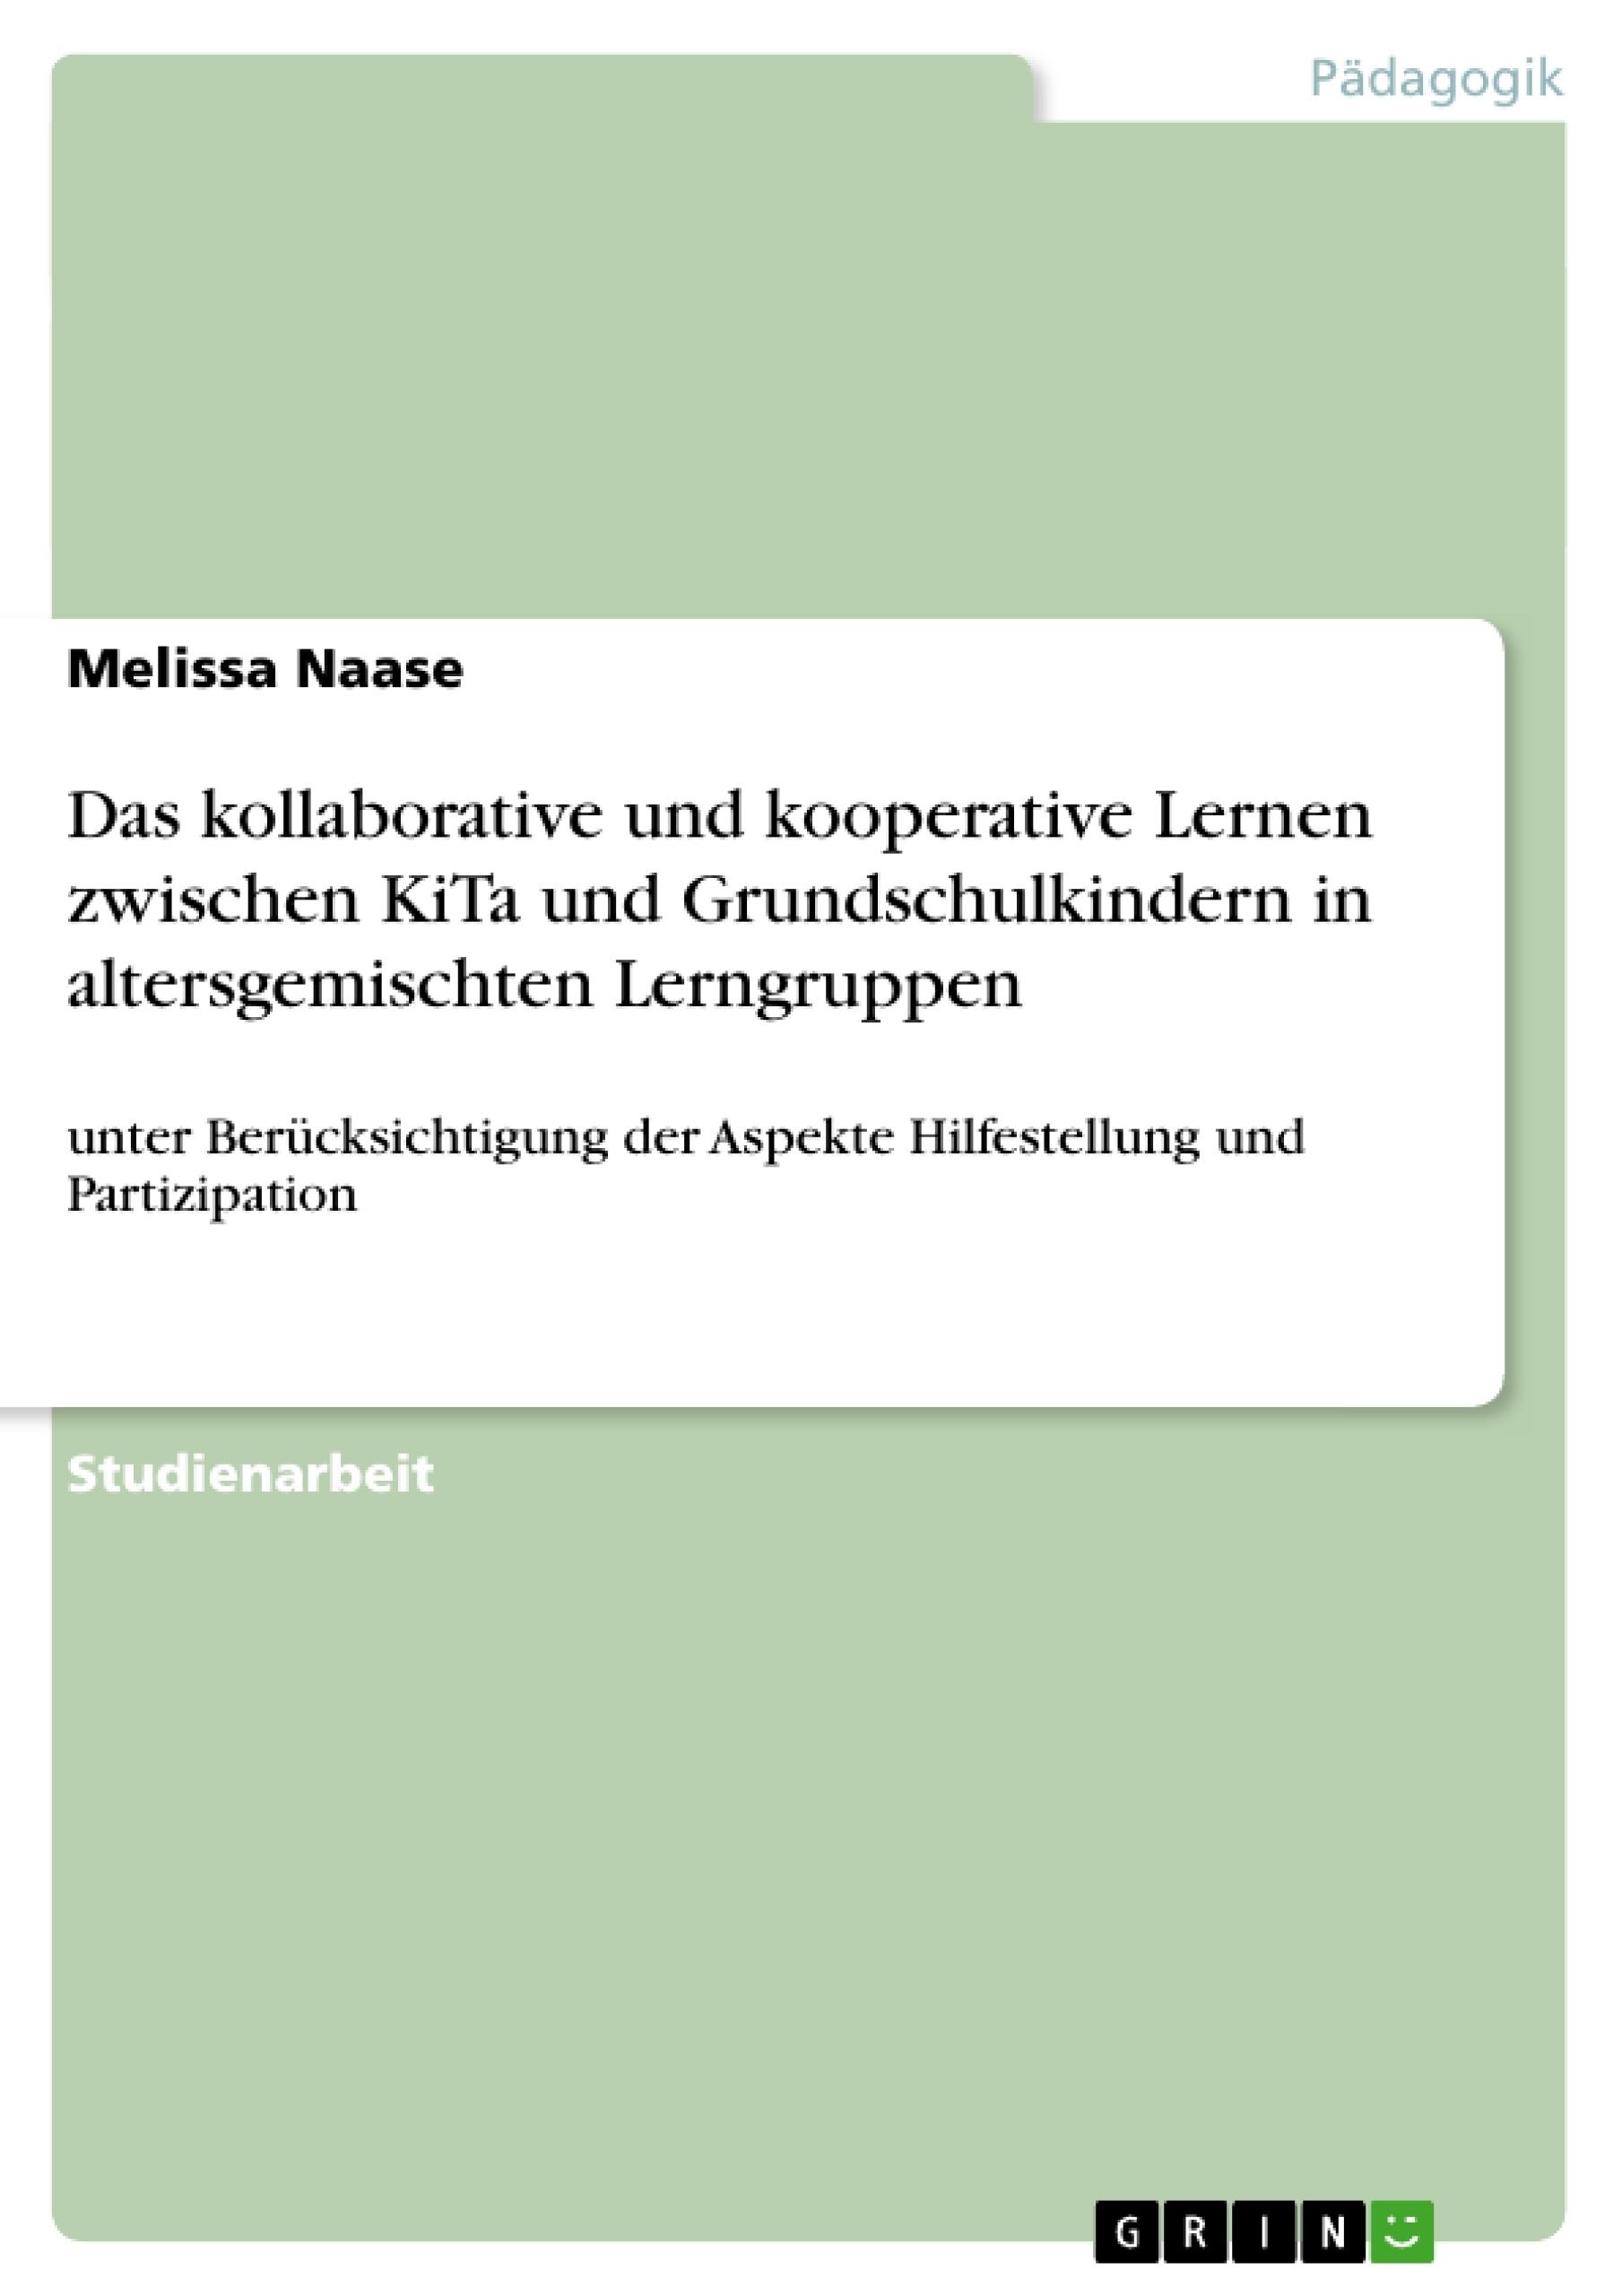 Titel: Das kollaborative und kooperative Lernen  zwischen KiTa und Grundschulkindern in altersgemischten Lerngruppen